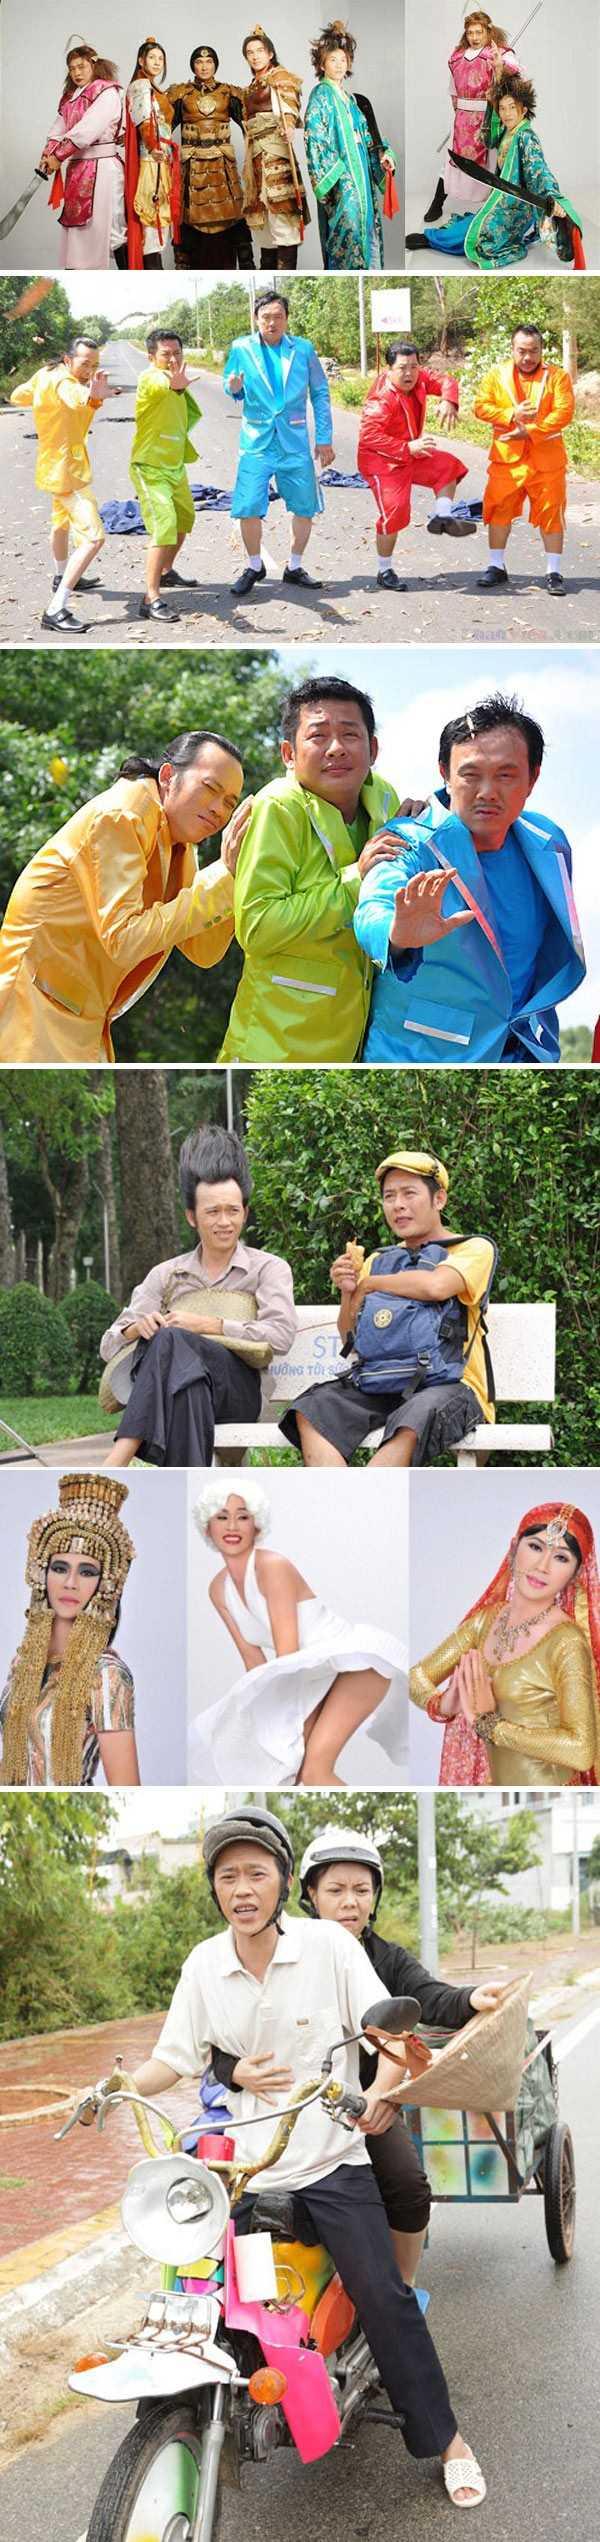 Sự có mặt của Hoài Linh đã mang tiền tỷ về cho các phim chiếu Tết như Võ lâm truyền kỳ, Công chúa teen và ngũ hổ tướng, Hello cô Ba và Nhà có 5 nàng tiên.